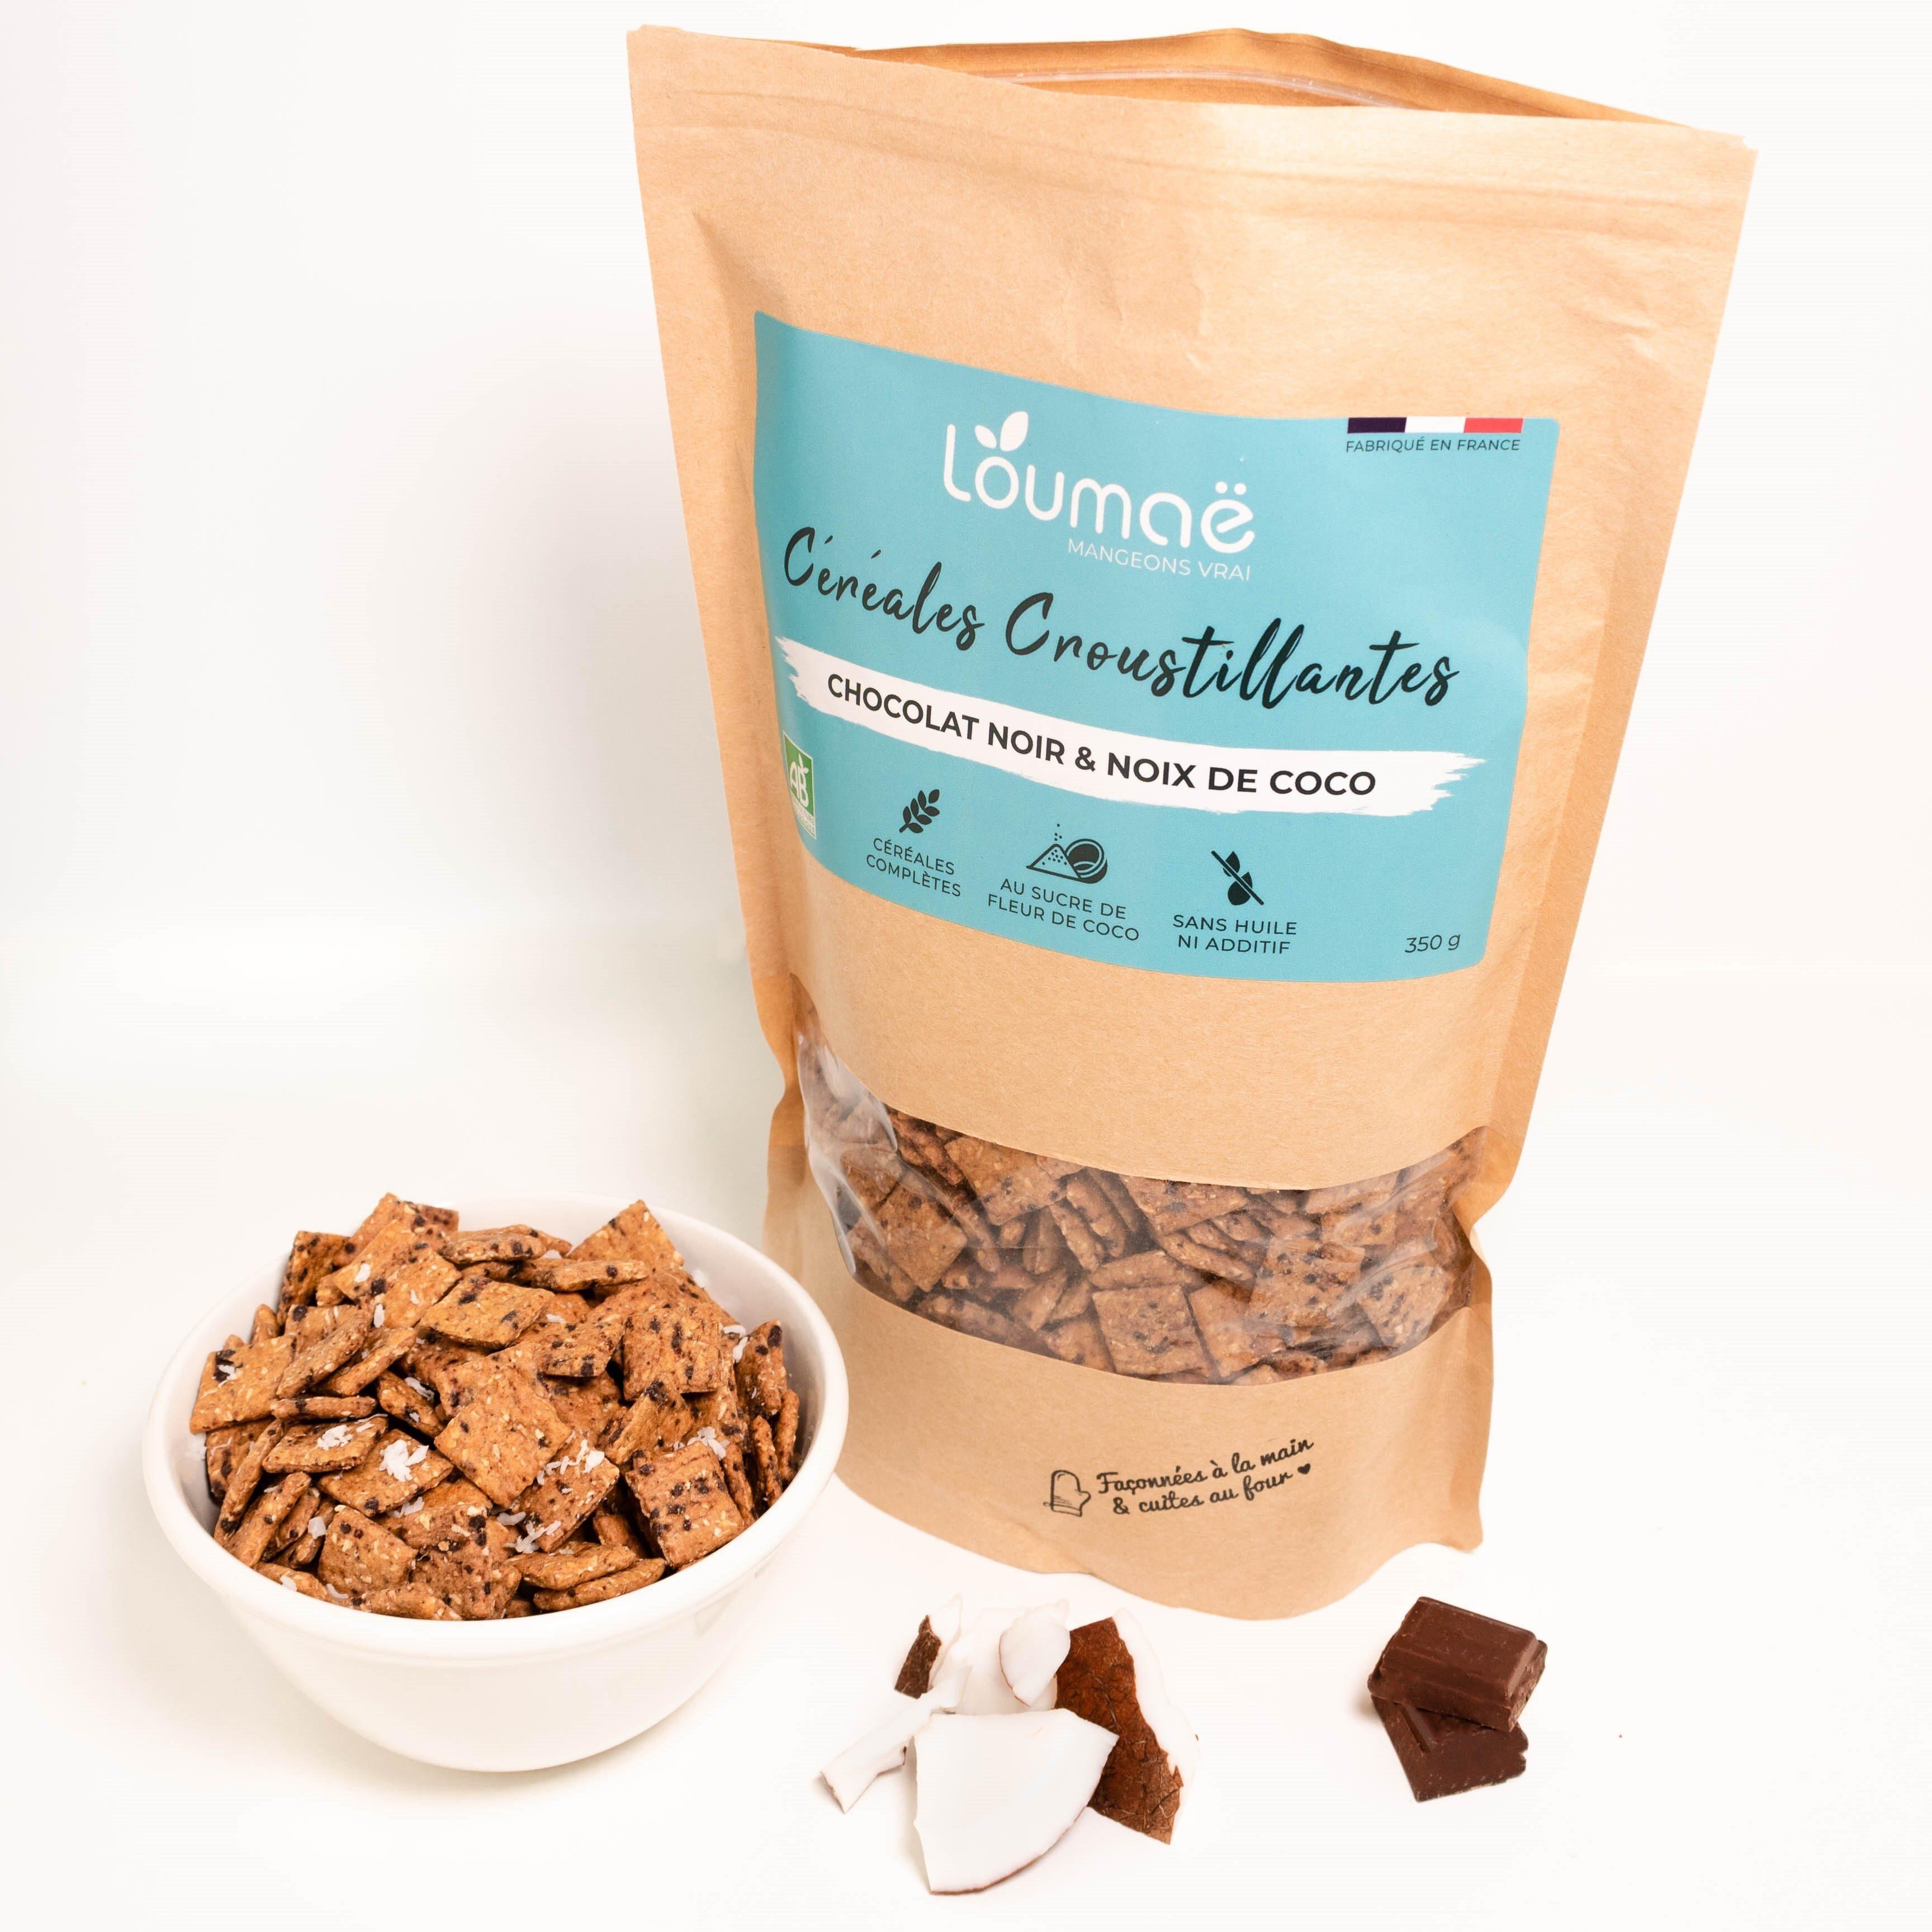 Céréales petit déjeuner - Chocolat Noir & Noix de coco - Produit - fr